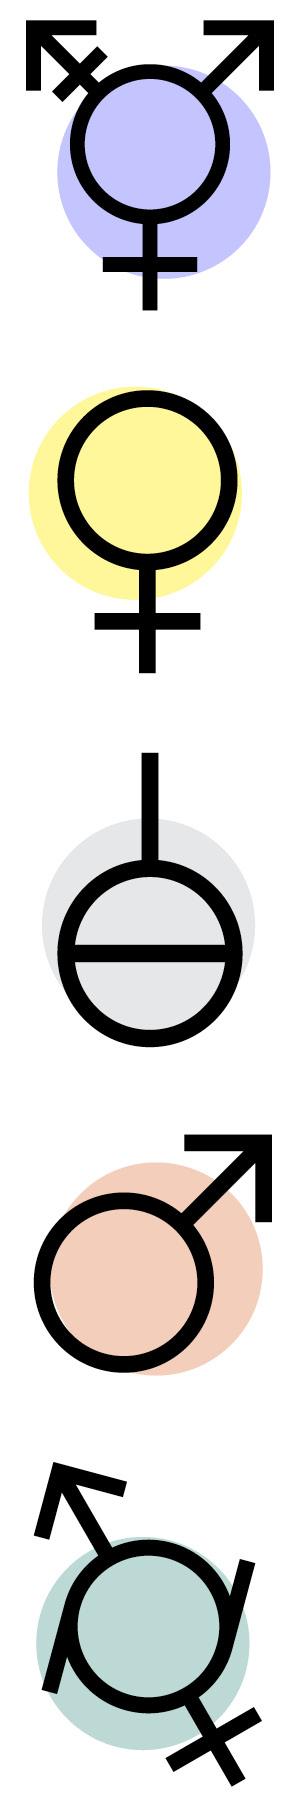 gender identity symbols